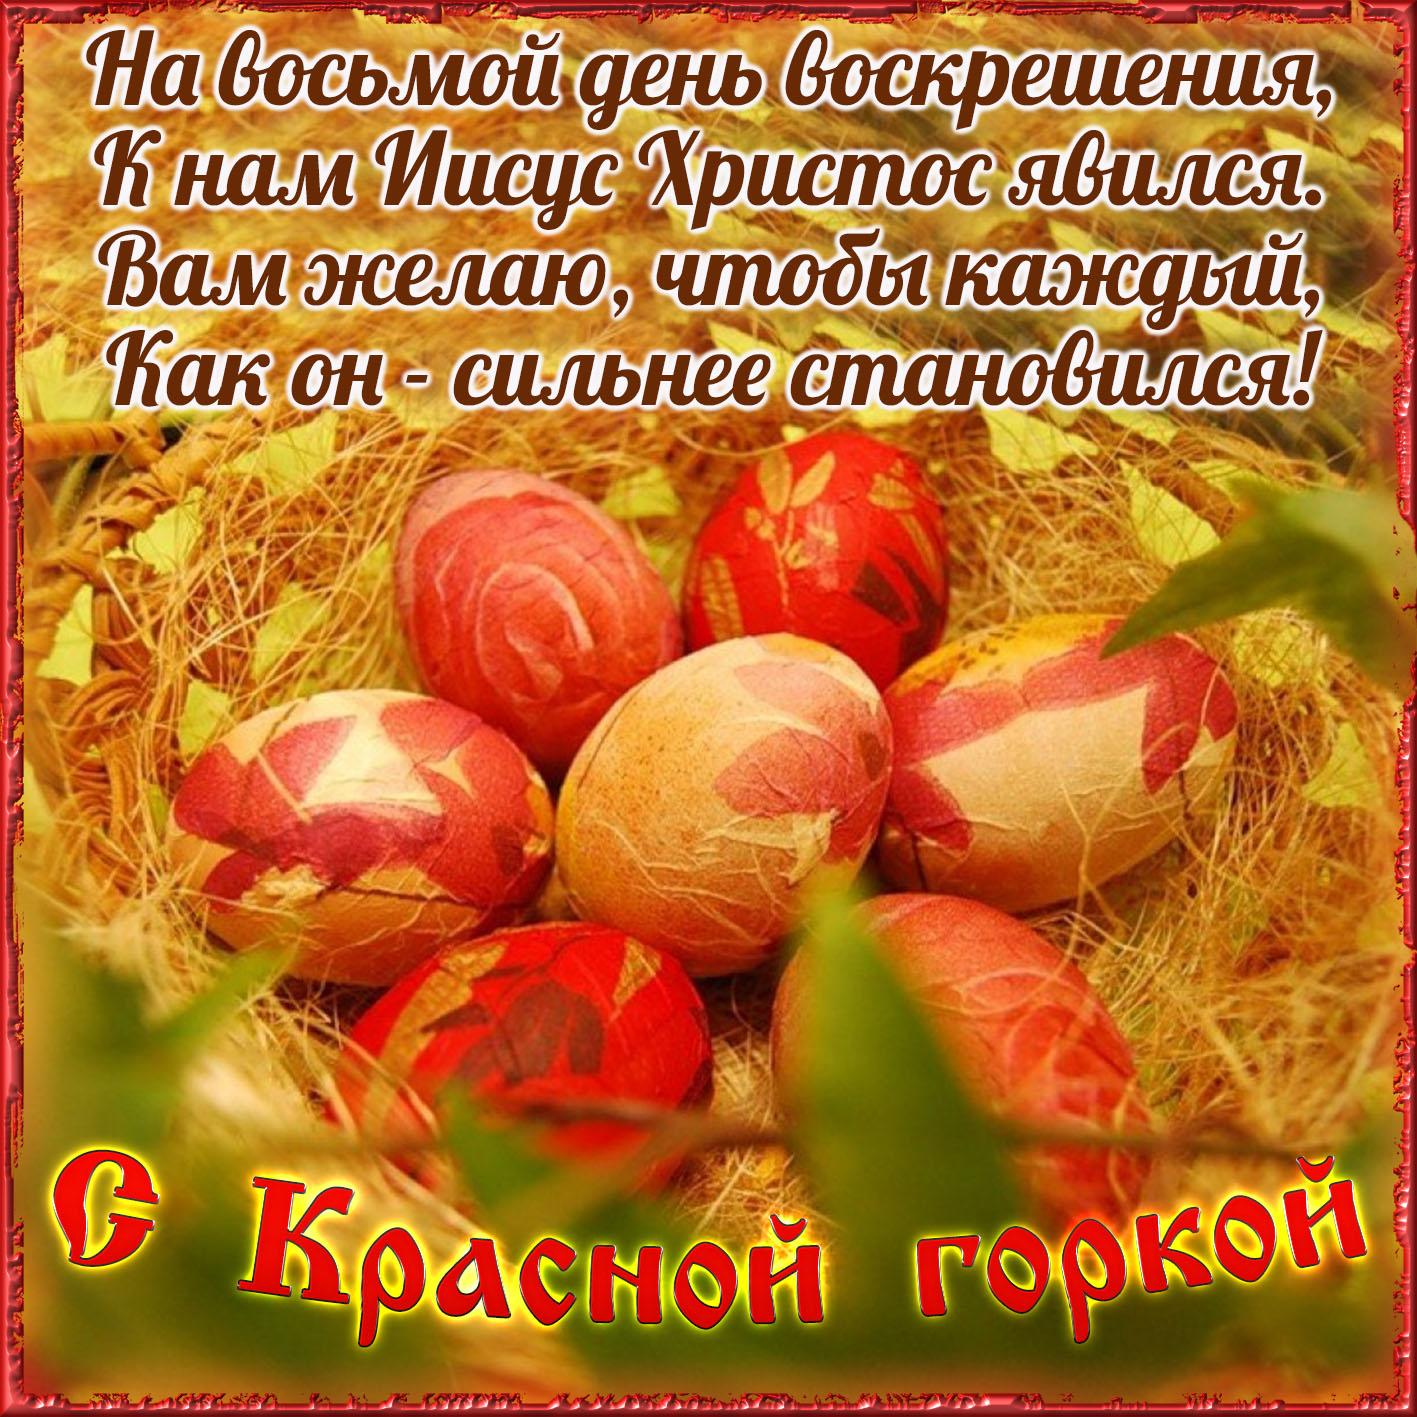 Картинка с яйцами и пожеланием на Красную горку